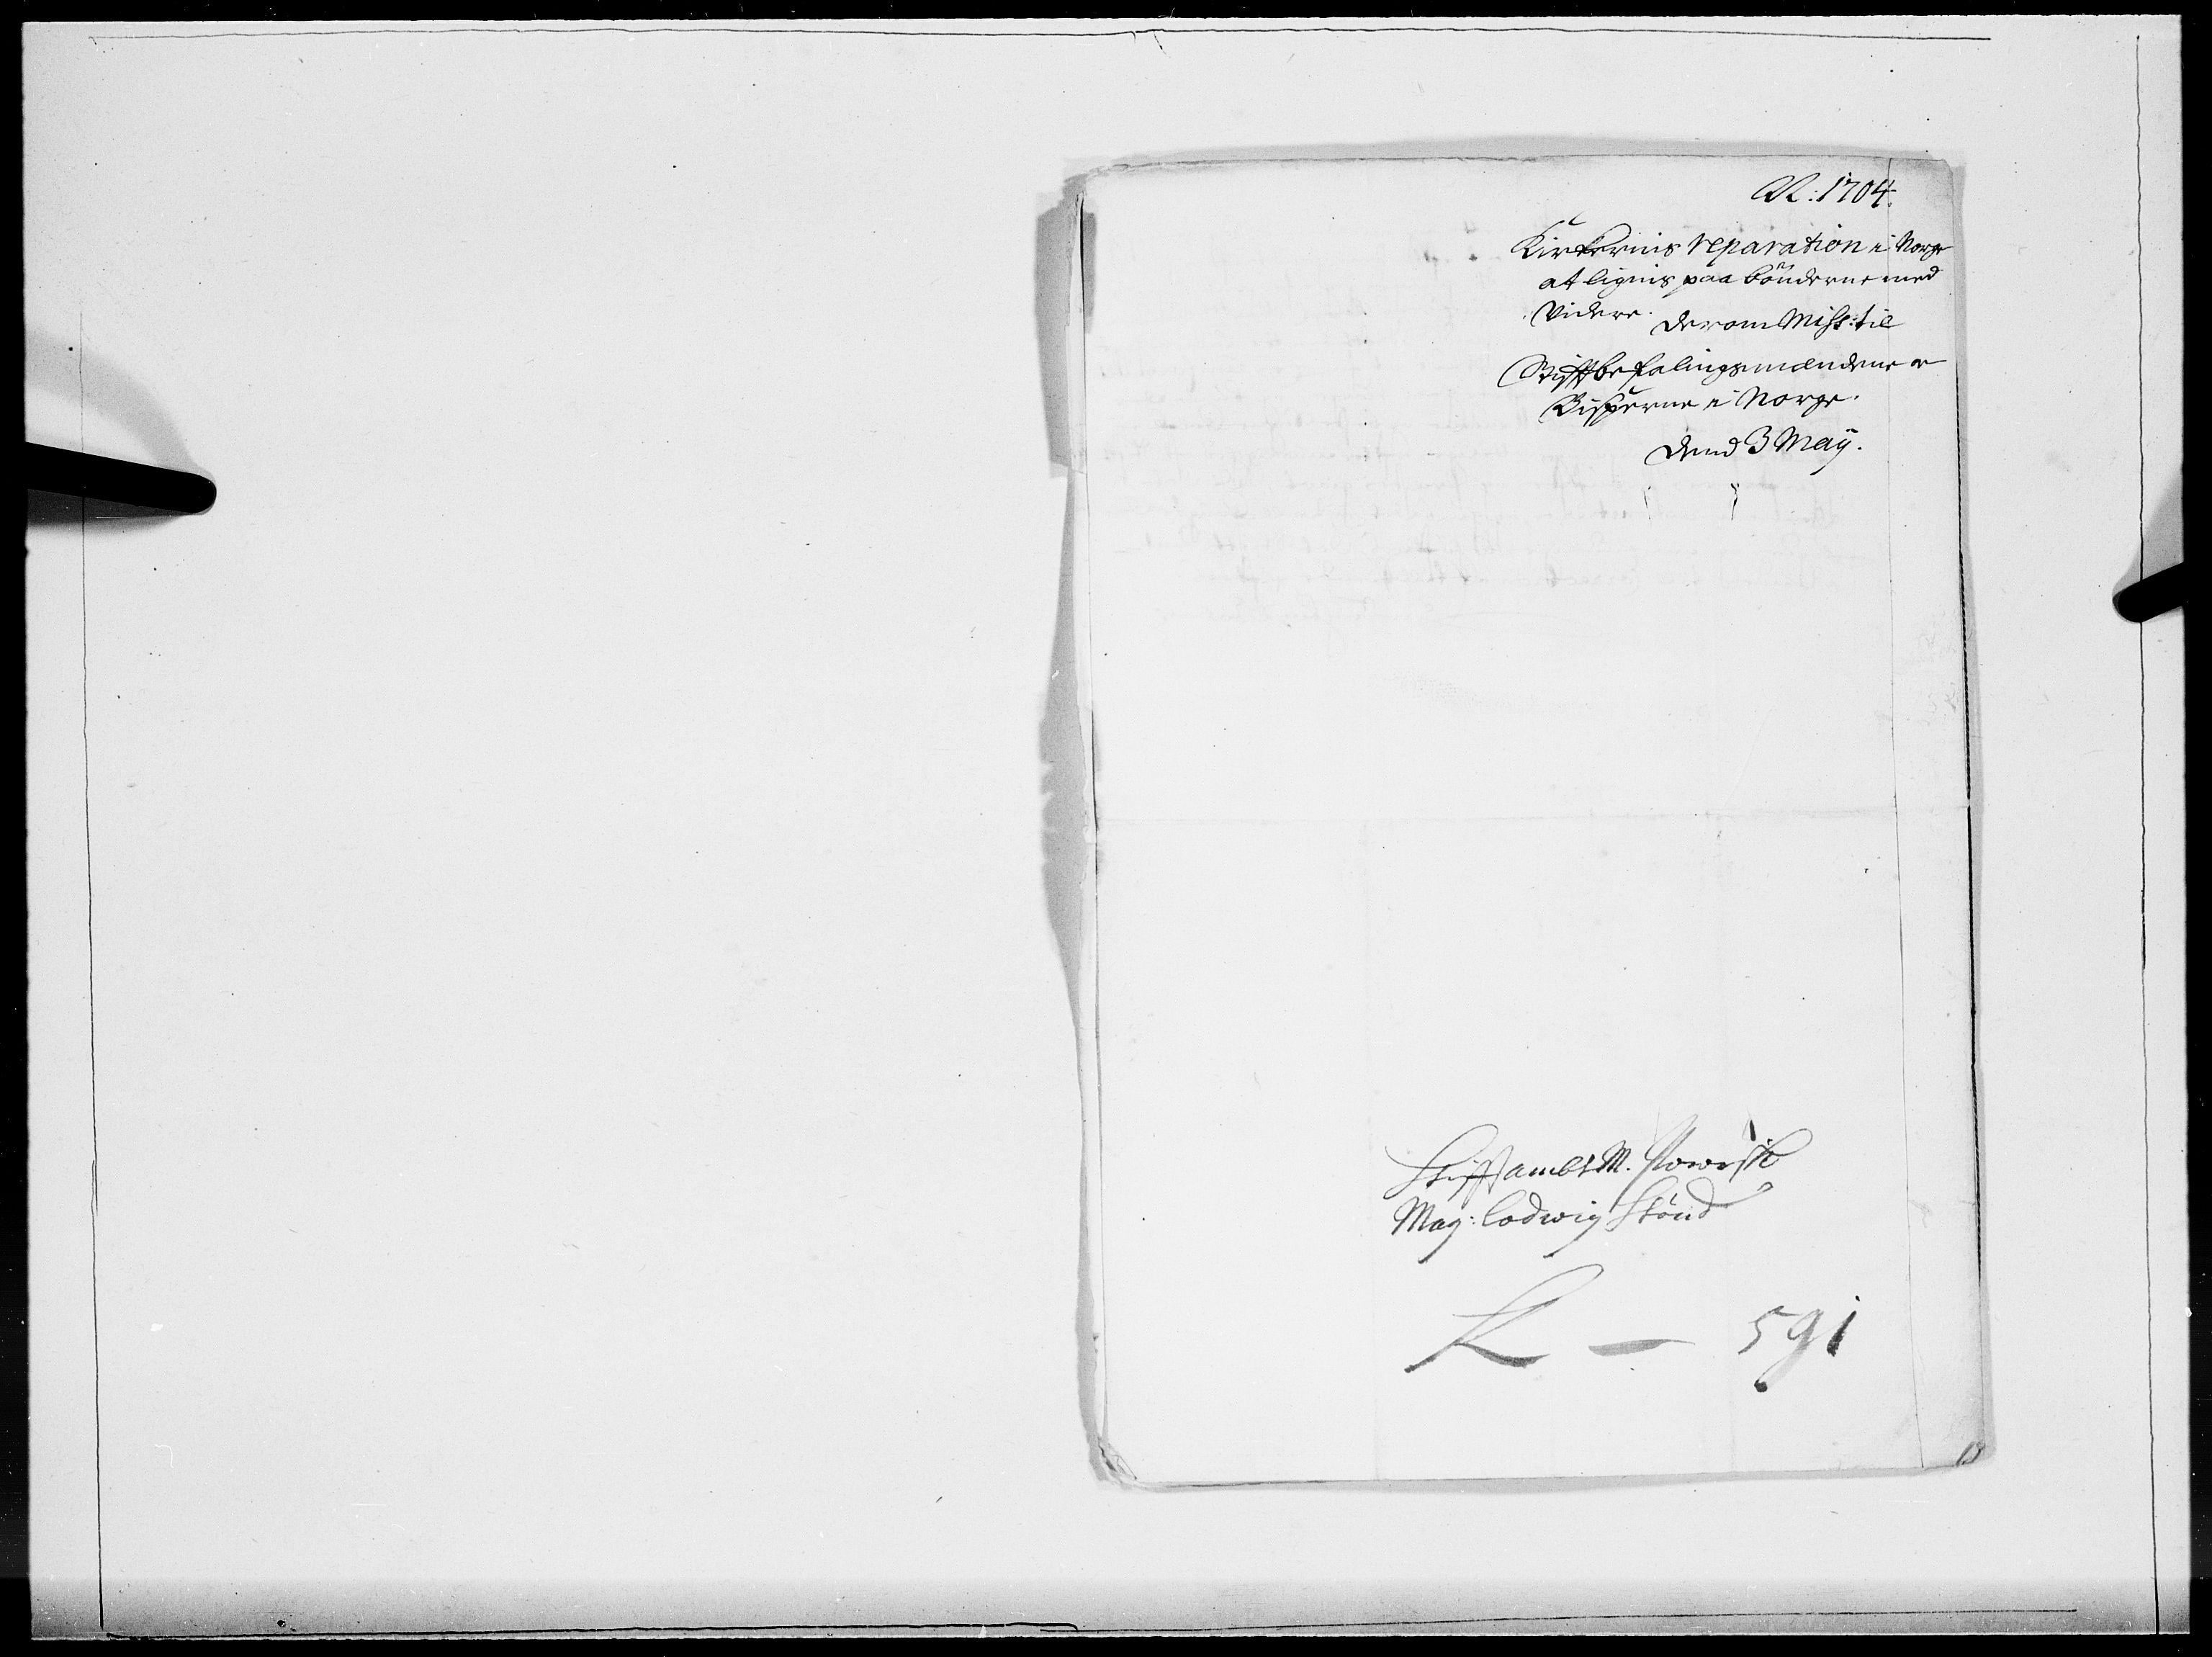 RA, Danske Kanselli 1572-1799, F/Fc/Fcc/Fcca/L0057: Norske innlegg 1572-1799, 1704, p. 2